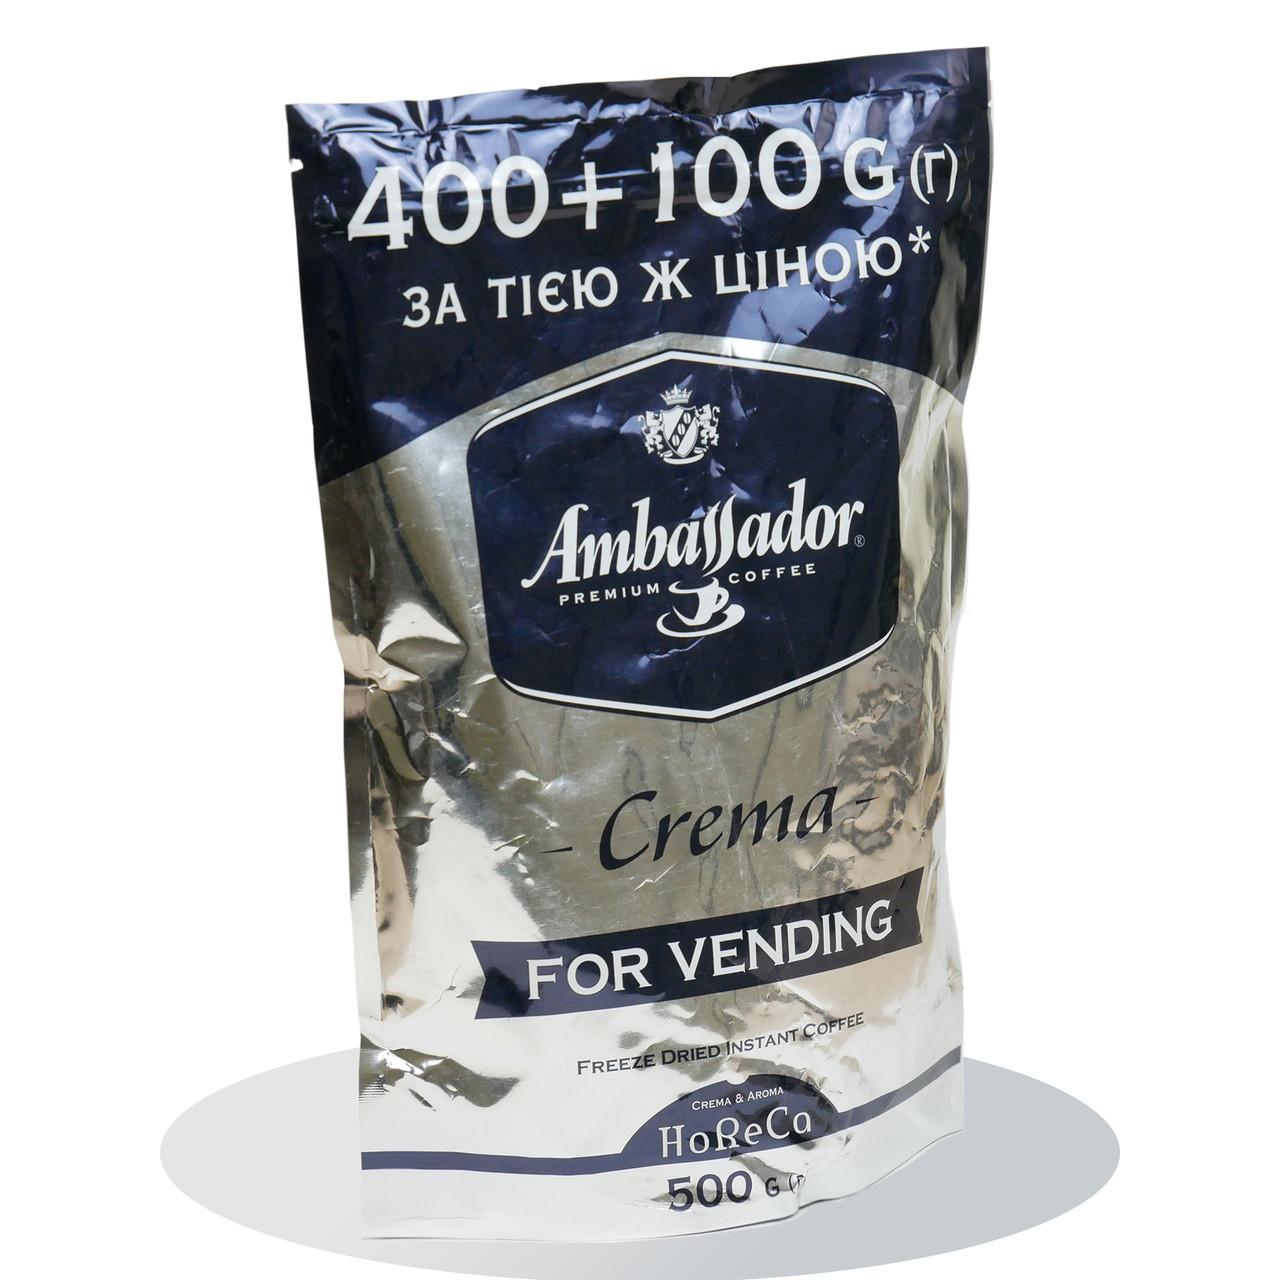 Амбасадор Крема (ОПТ от 6 пачек) Ambassador Crema, кофе растворимый 500 гр. Оригинал.